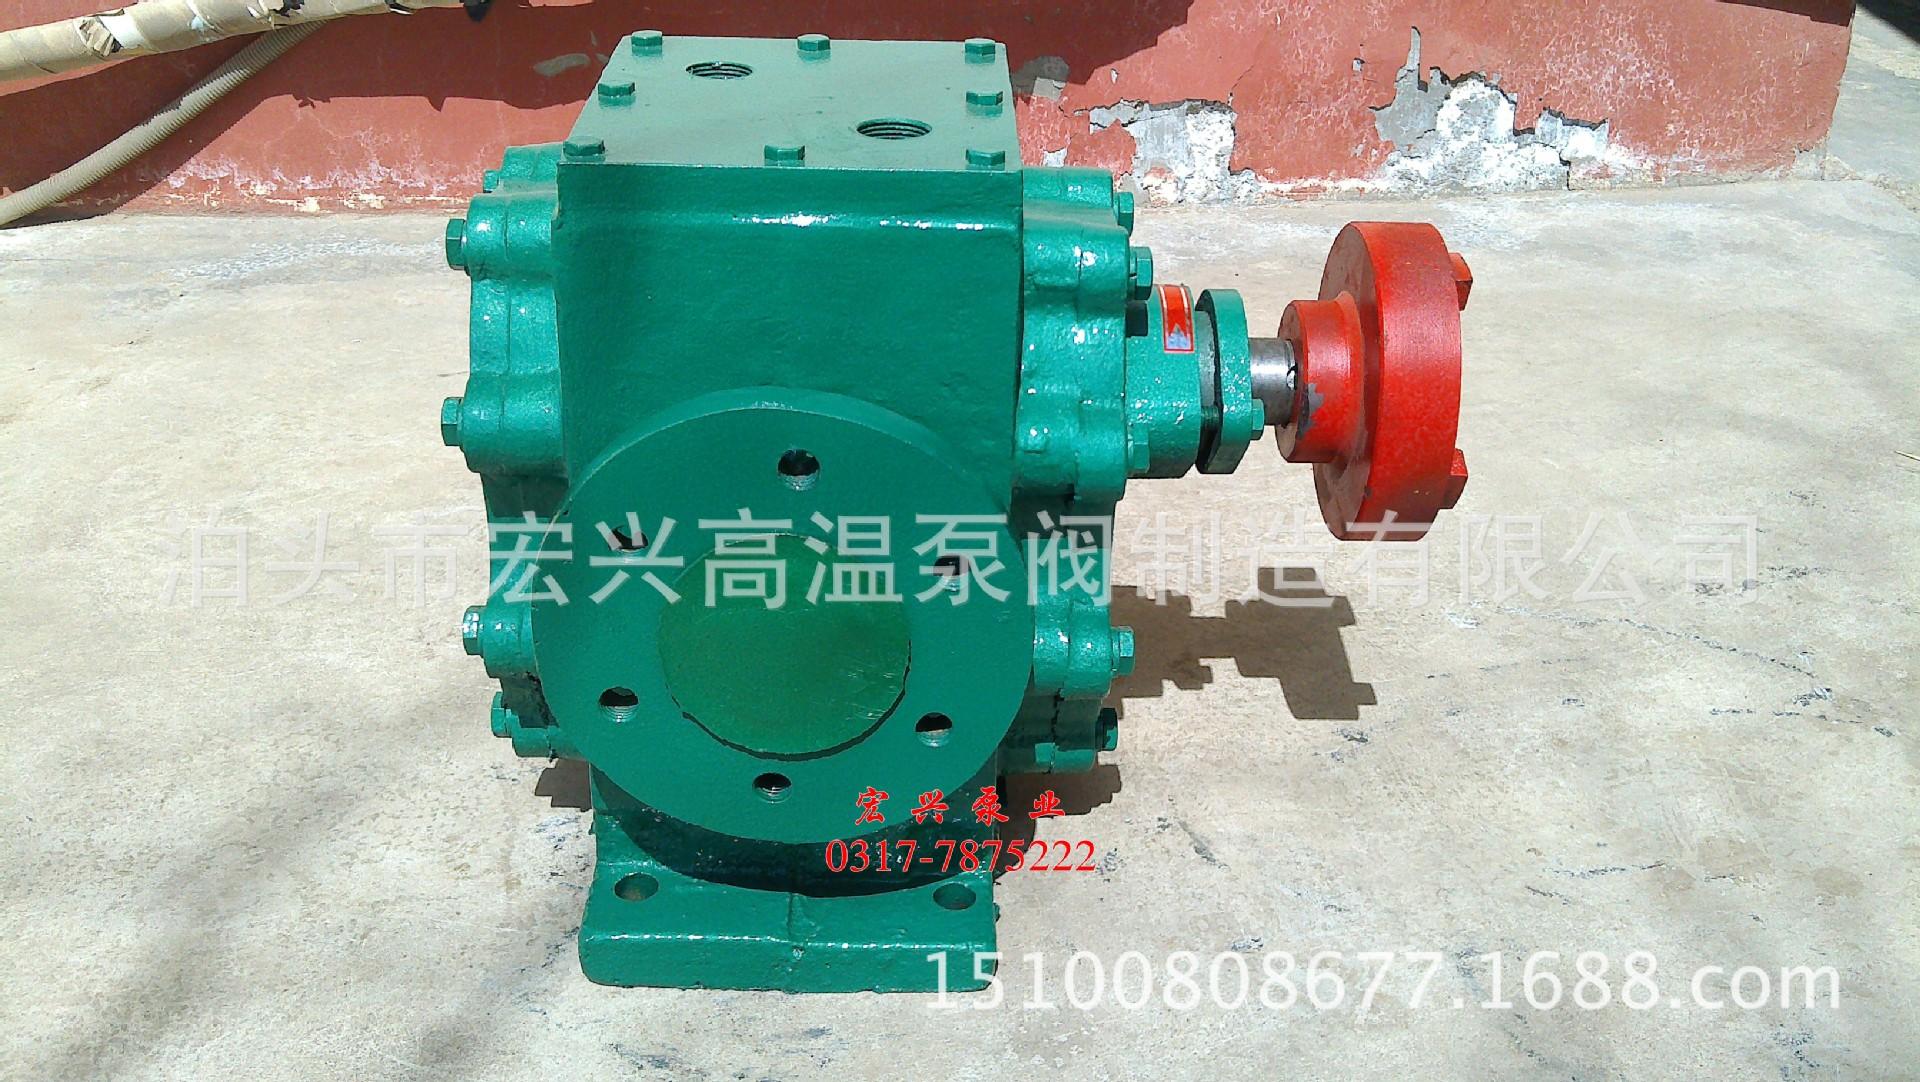 廠家供應 RCB-29/0.8  960保溫泵 瀝青專用設備 可電保溫加熱